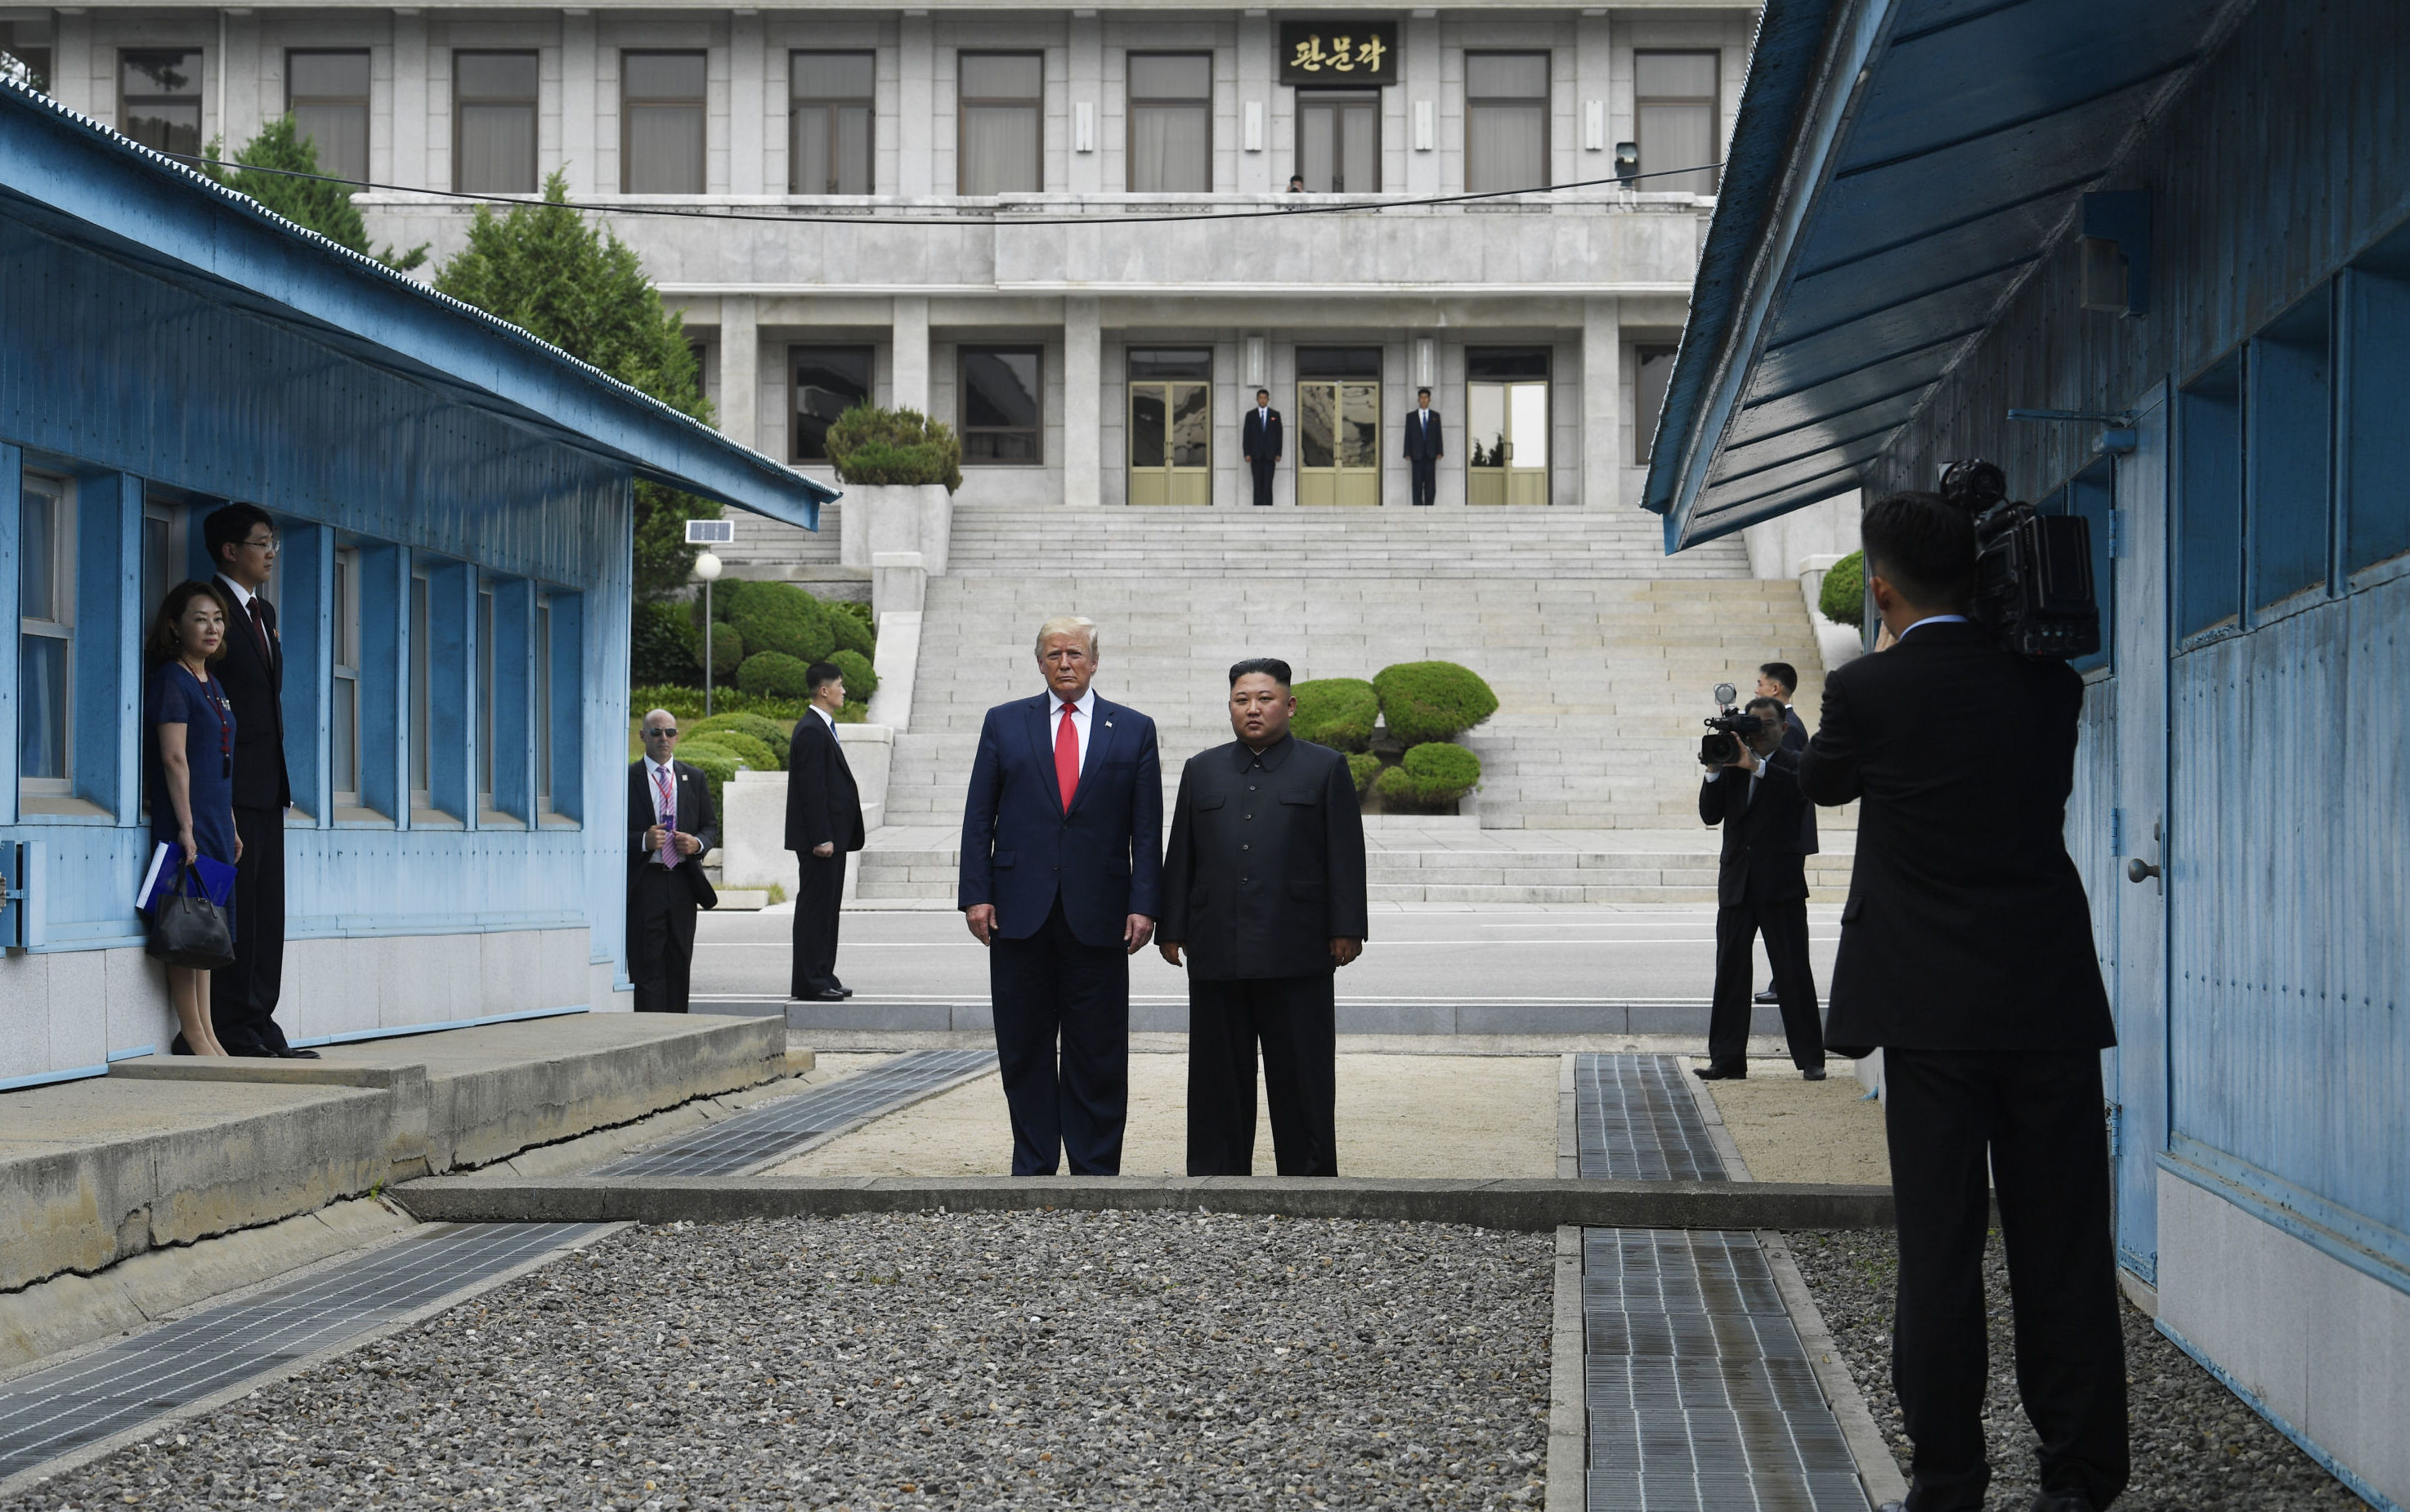 Presidente dos EUA Donald Trump e líder norte-coreano Kim Jong-un durante encontro na linha demilitarizada, 30 de junho de 2019.